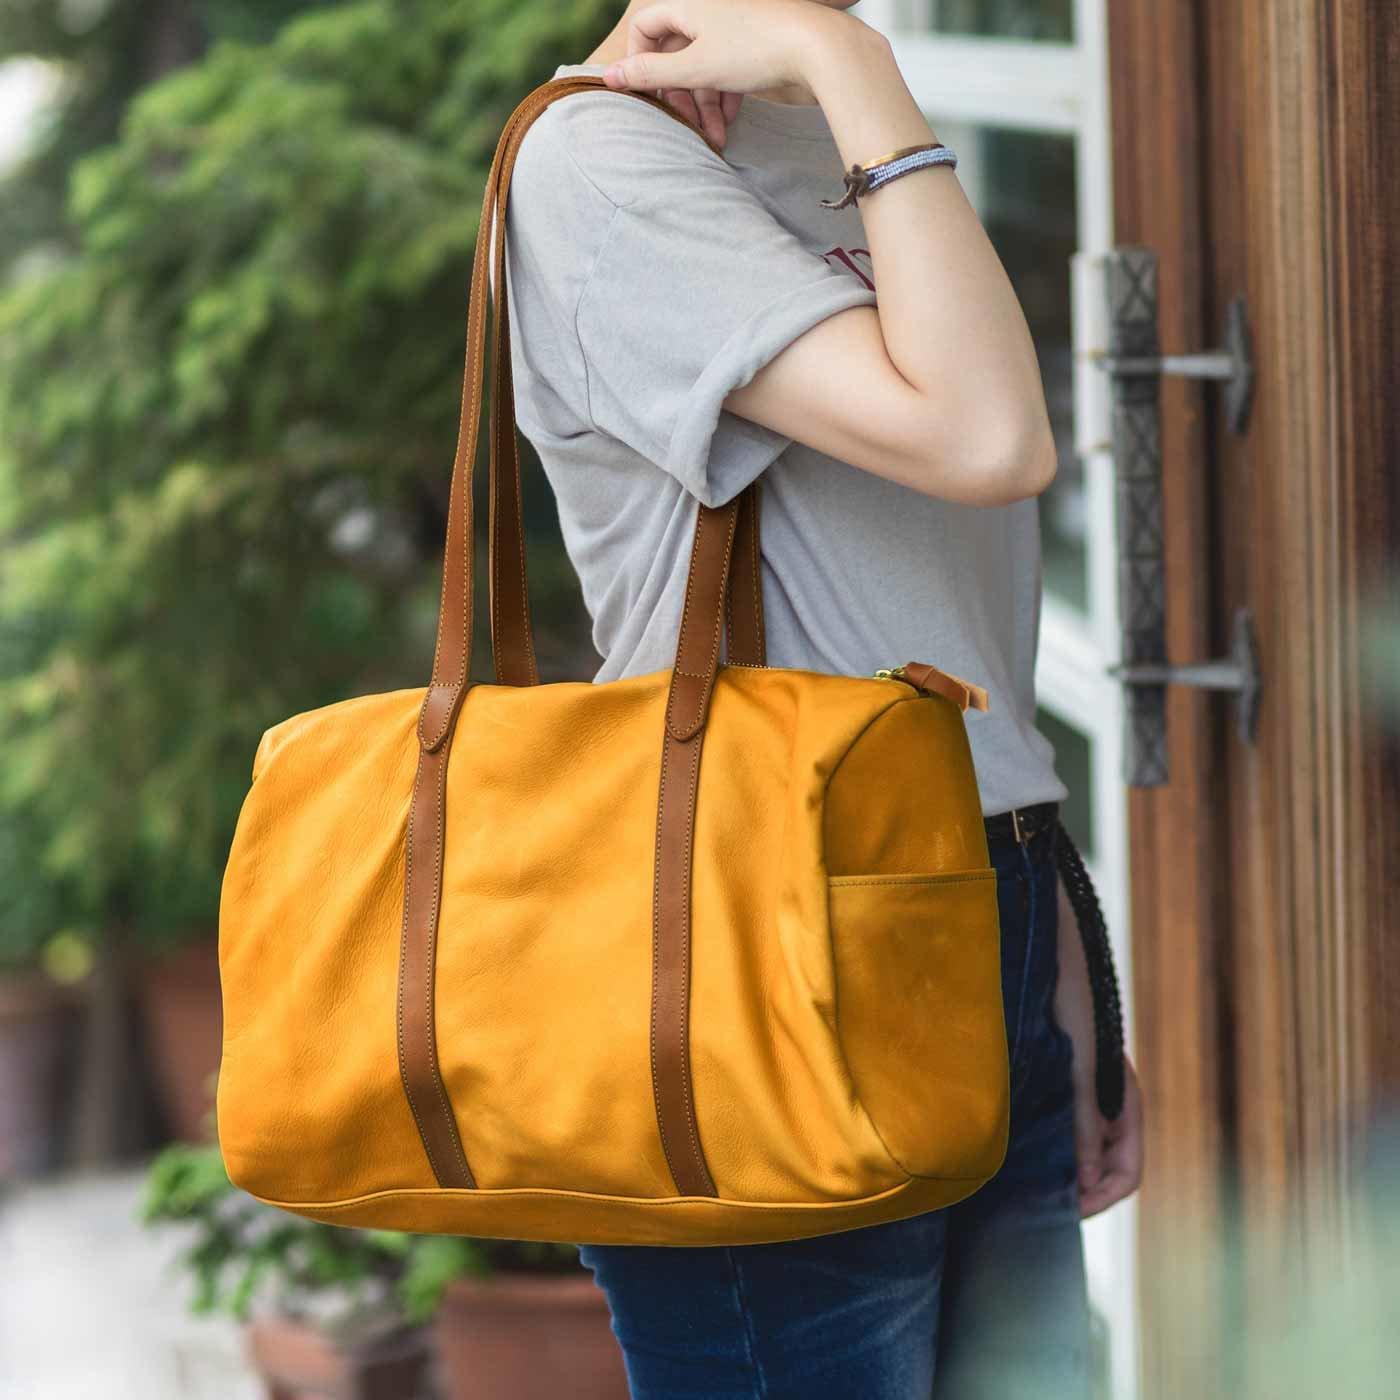 鞄(かばん)作家と作ったオールレザーボストンバッグ〈キャメル〉[本革 バッグ:日本製]